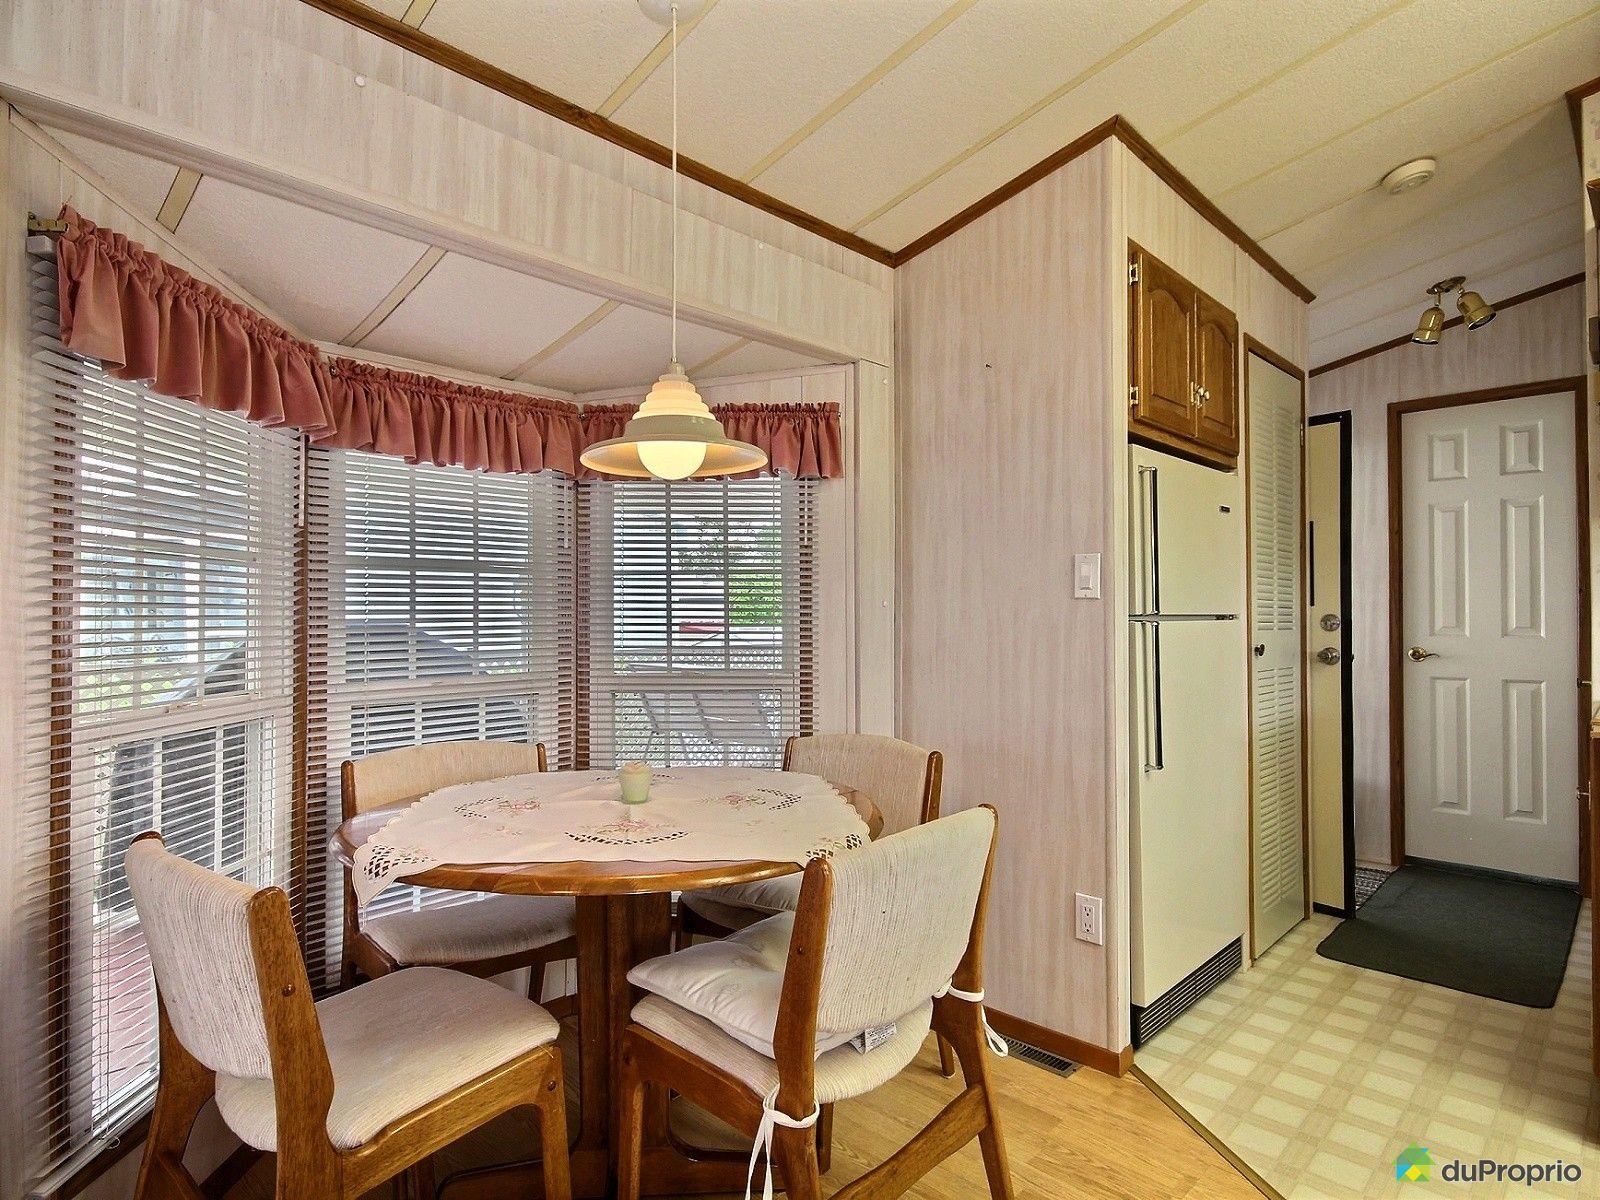 chalet vendre noyan 402 rue des rables immobilier qu bec duproprio 643619. Black Bedroom Furniture Sets. Home Design Ideas